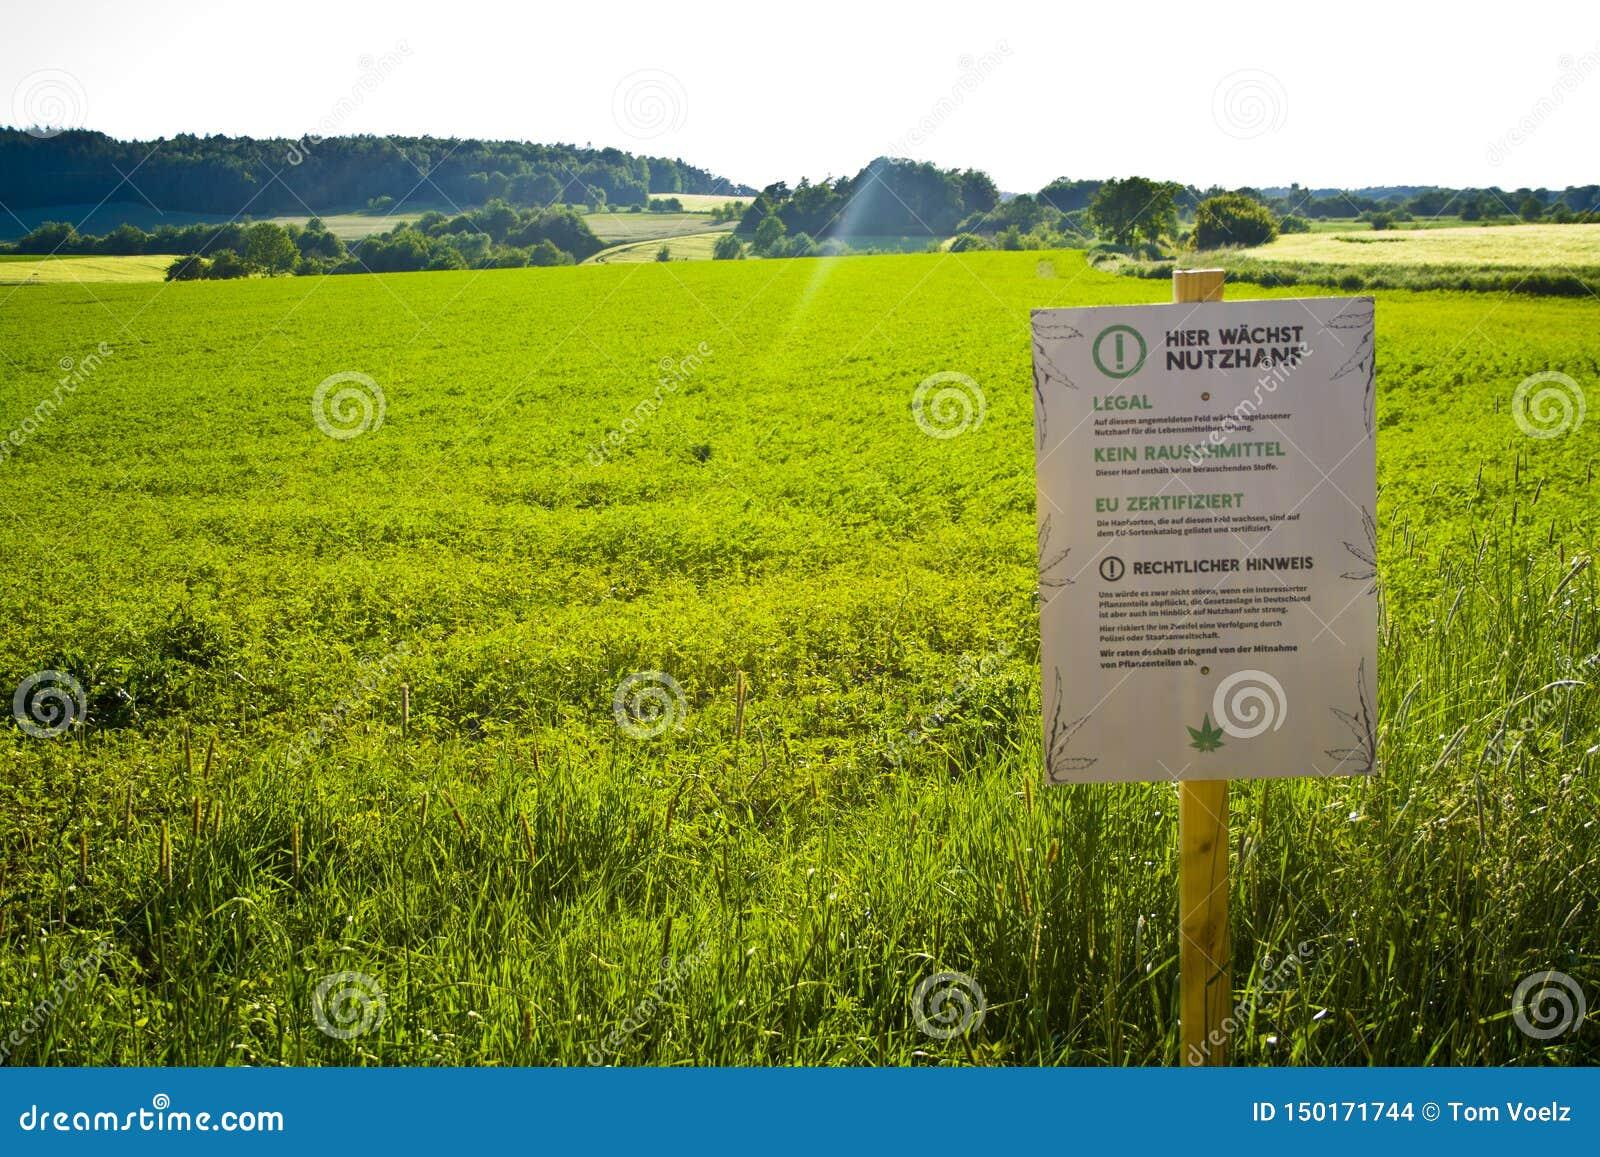 Un champ de chanvre dans Hesse, m Allemagne Culture juridique de chanvre pour la médecine ou la nourriture